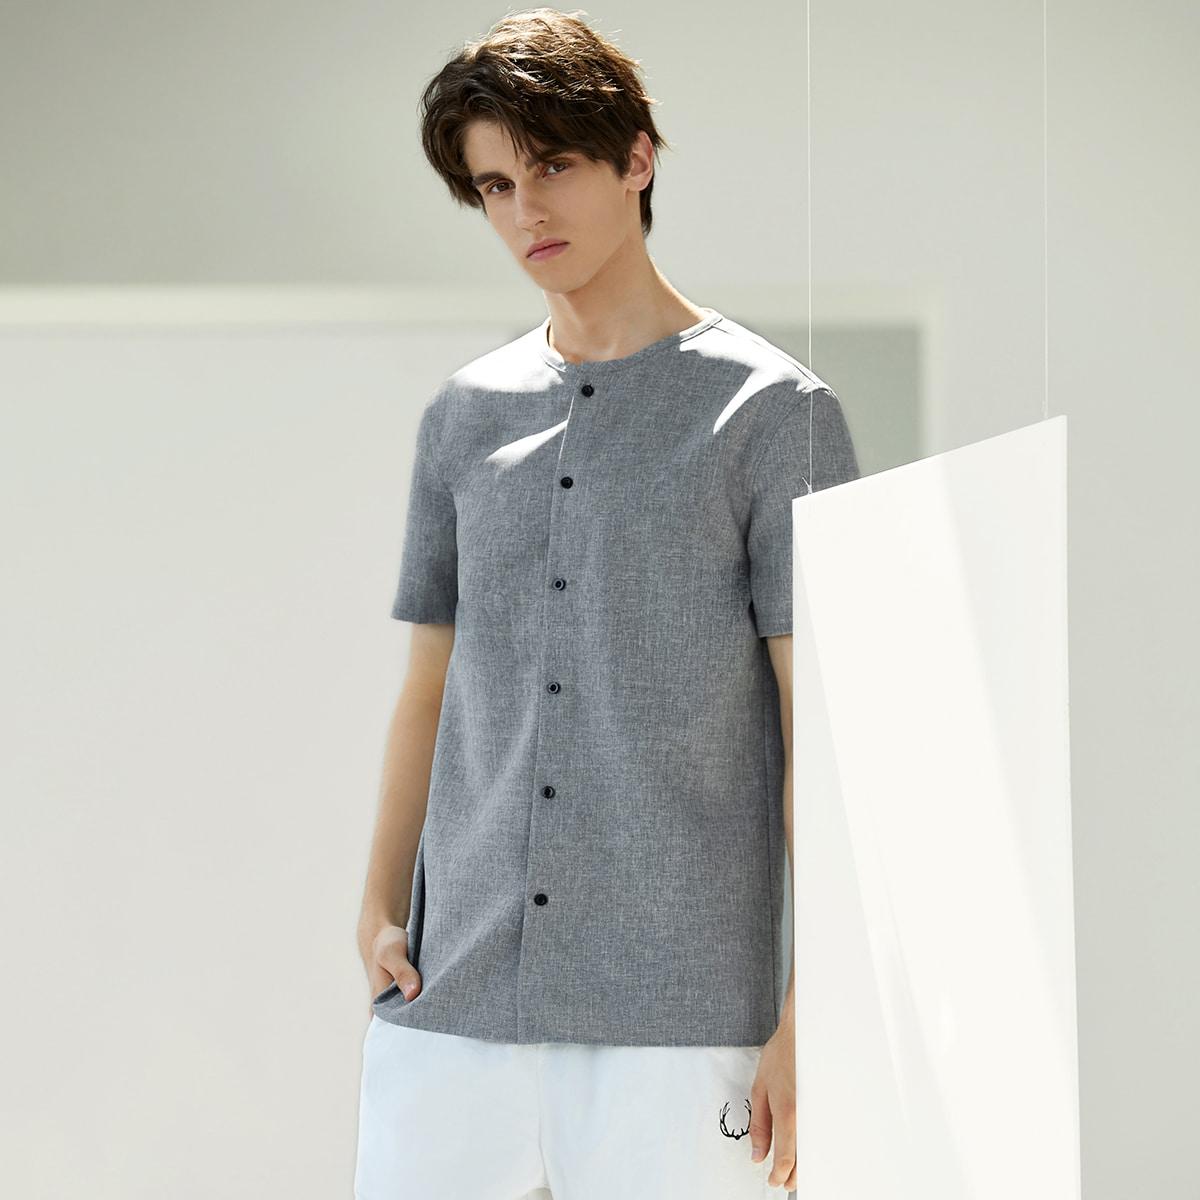 Мужская вязаная рубашка на пуговицах с мраморным рисунком